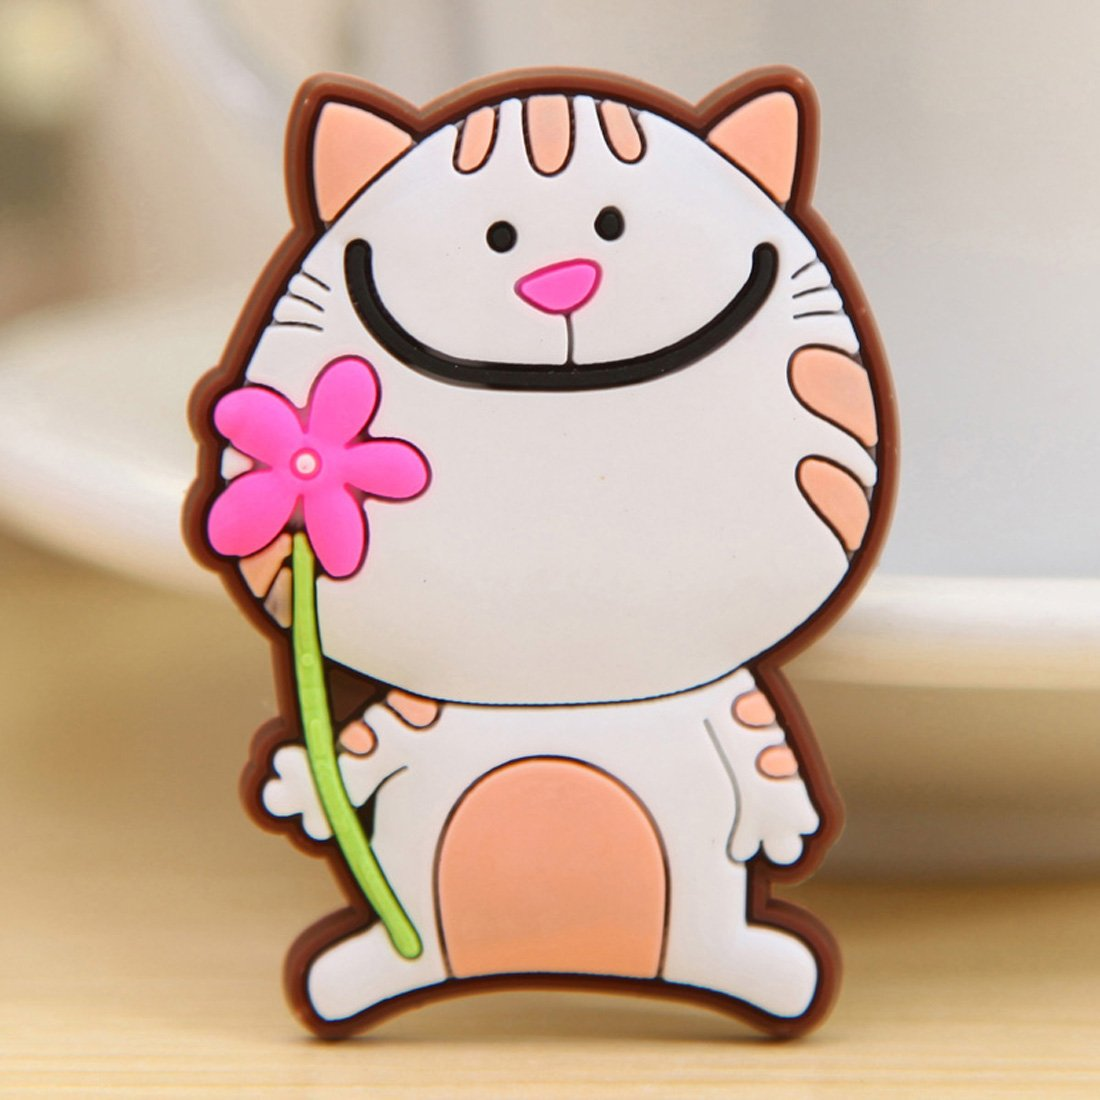 沐和创意可爱动物硅胶冰箱贴磁贴 (4, 龙猫)